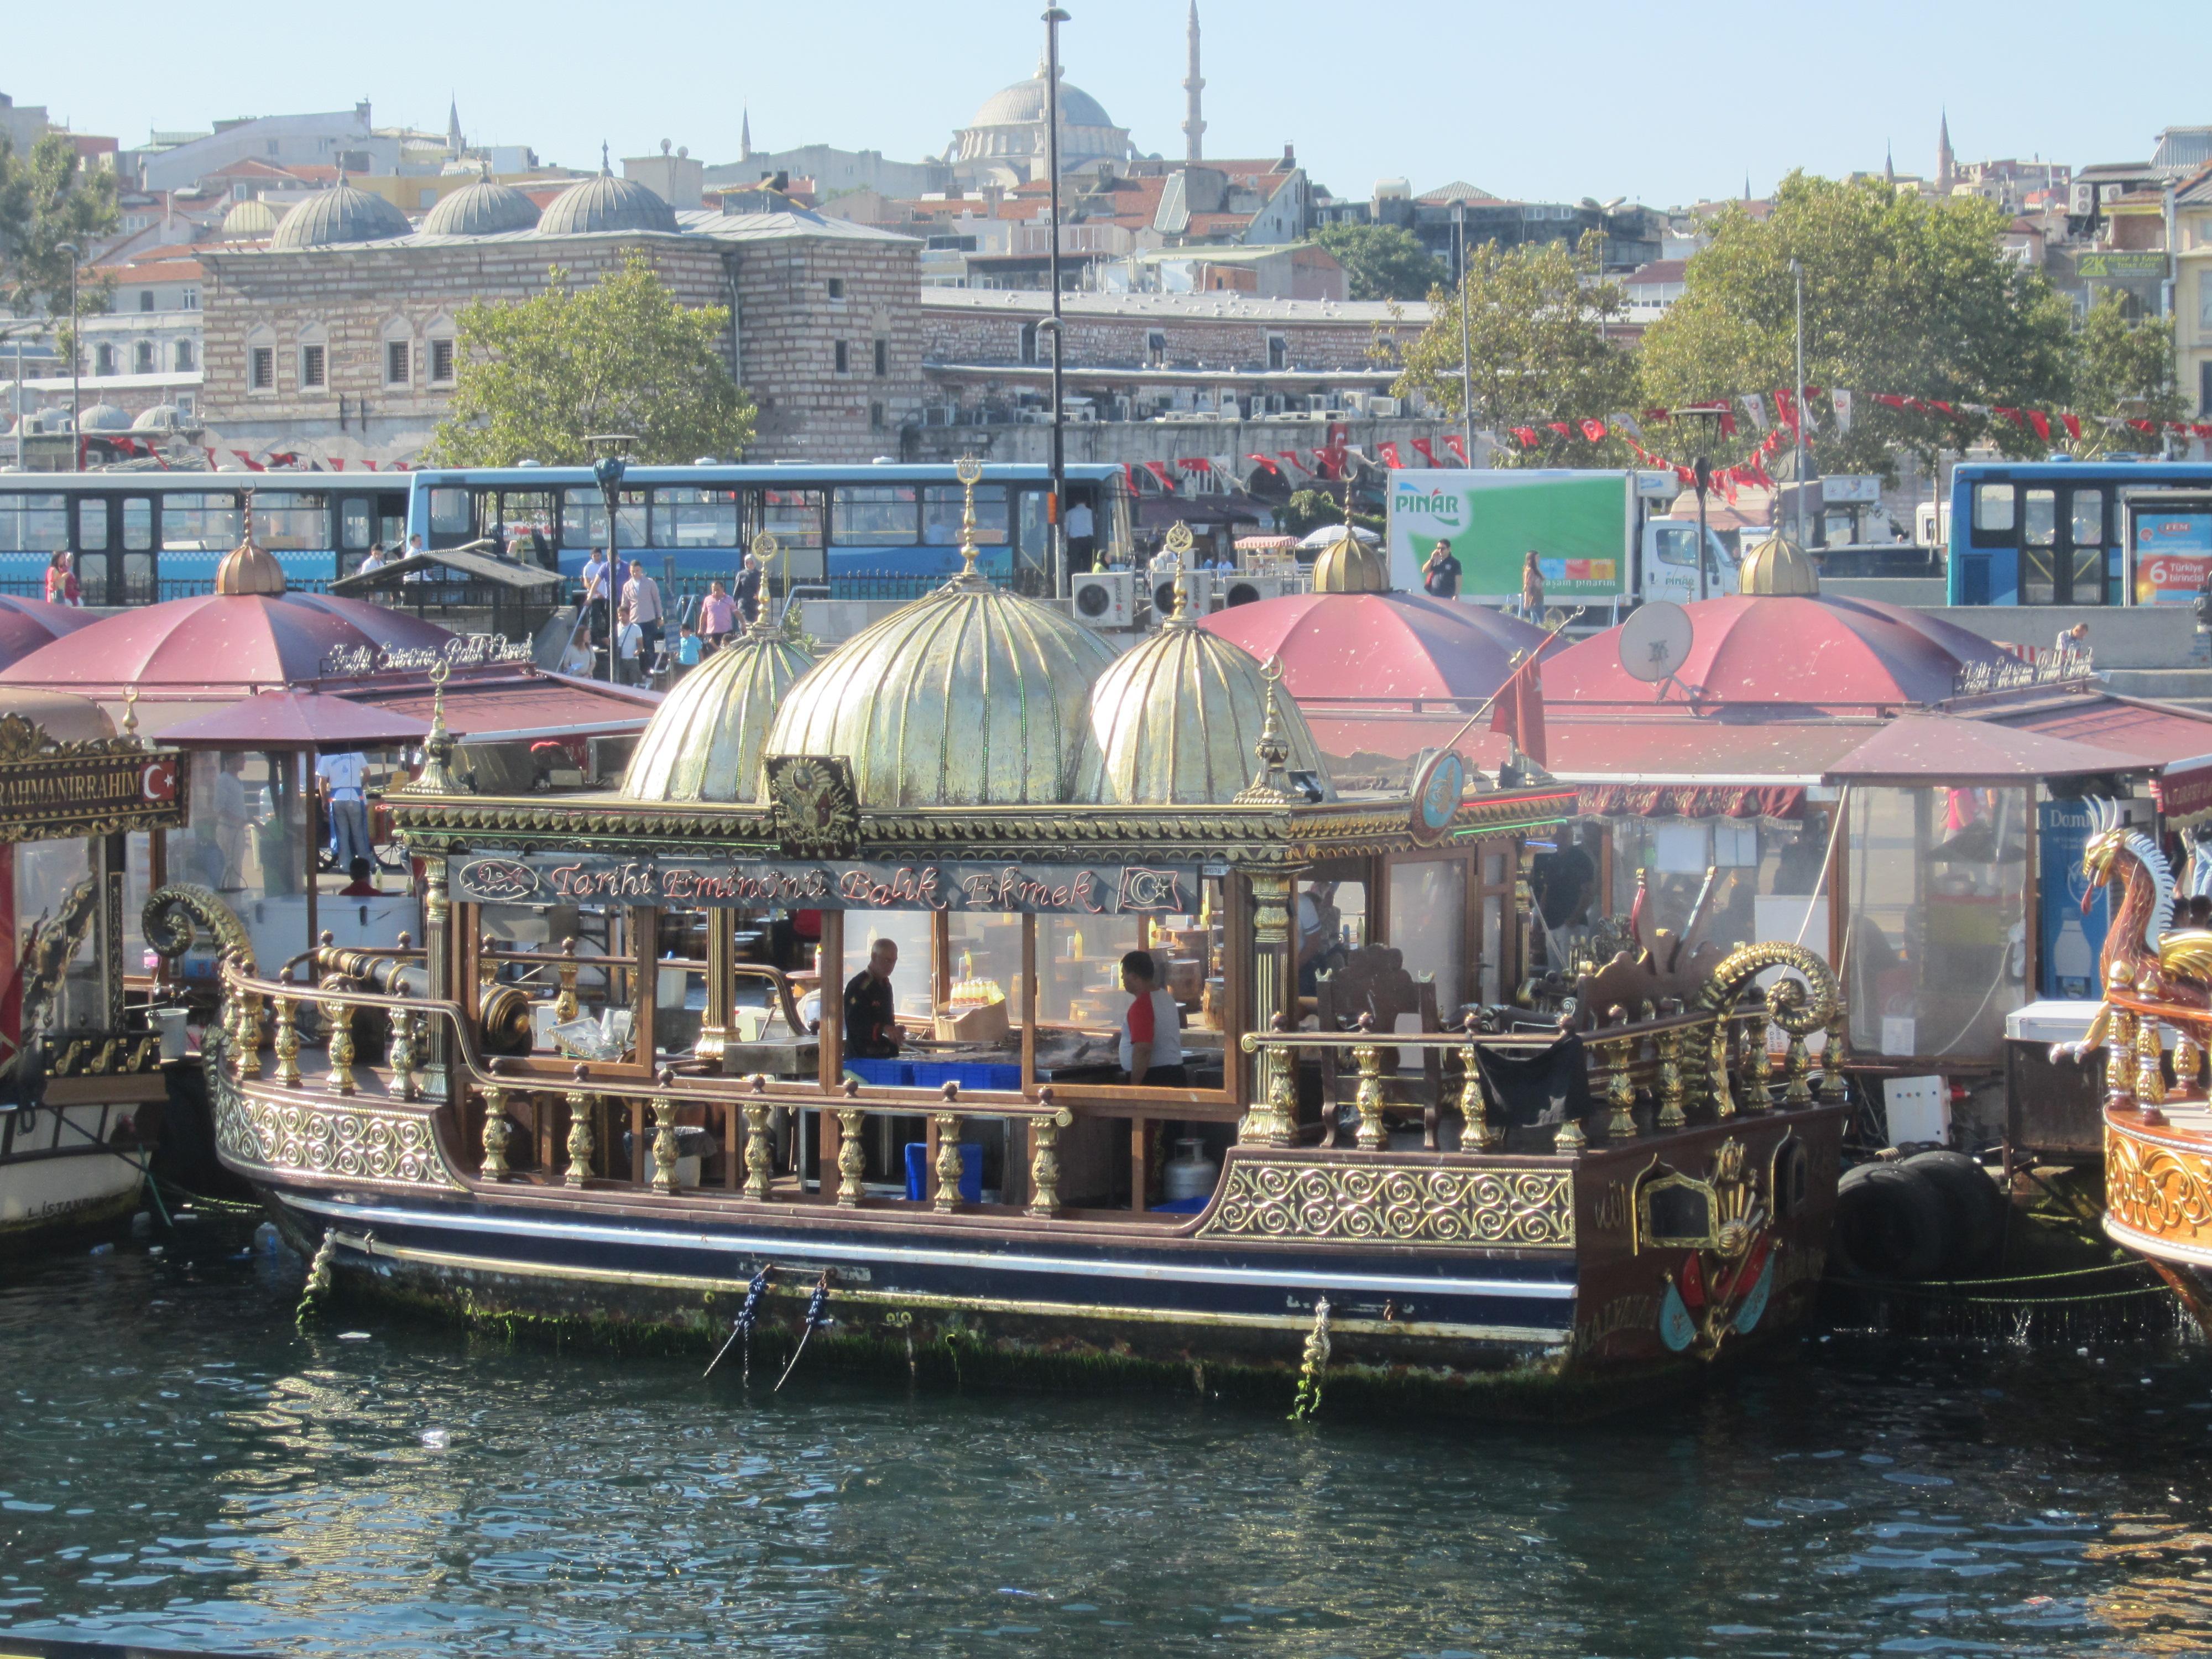 Jasminne Tour - Ditt Reisebyrå i Istanbul, Tyrkia Tours, Istanbul Tours, Tyrkia pakkereiser